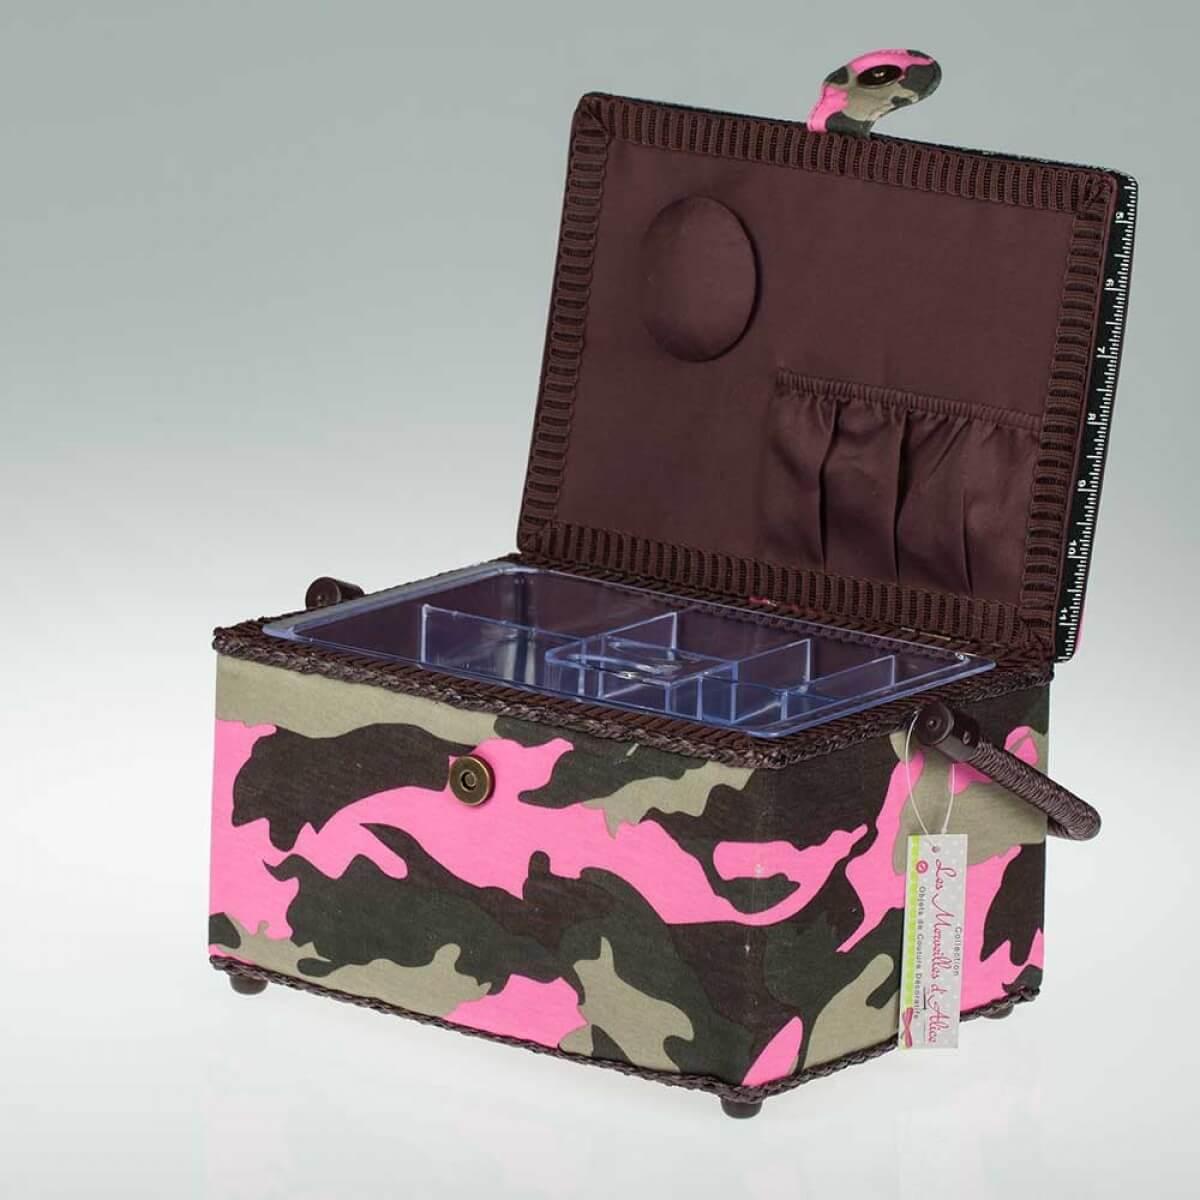 Boite couture rectangle tissu camouflage marron rose for Boite couture tissu